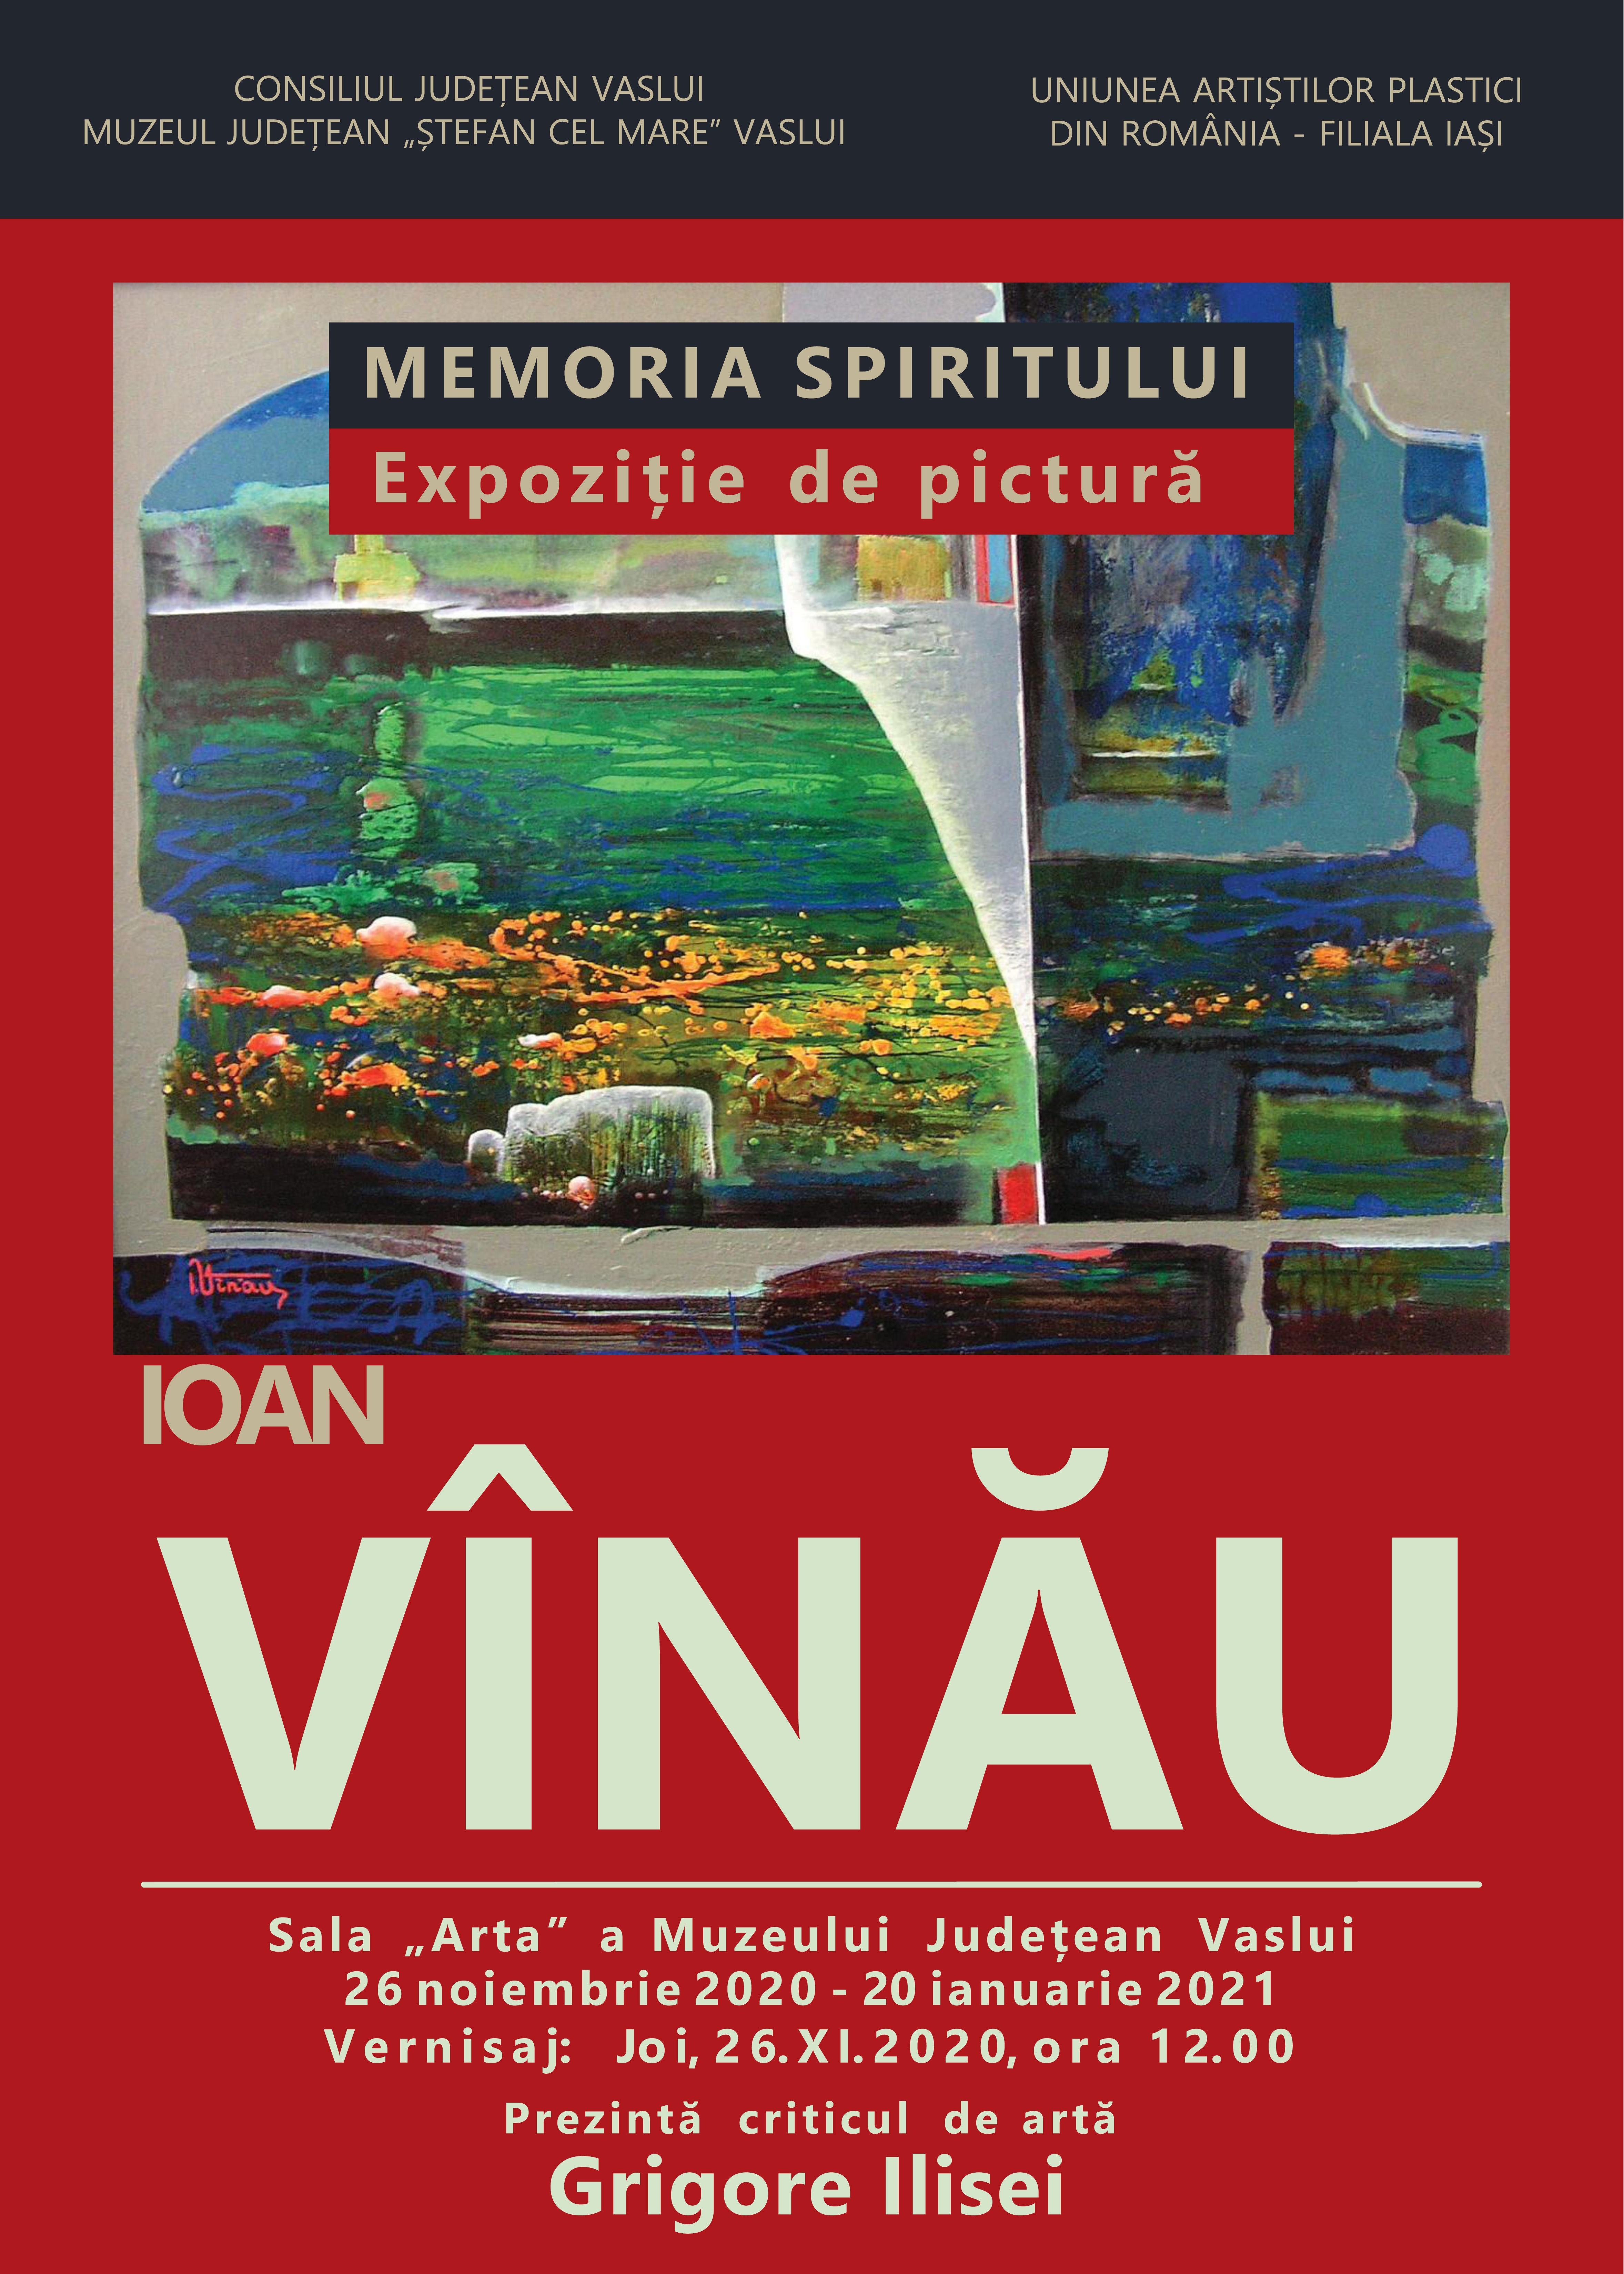 Artistul ieșean Ioan Vînău vine în fața vasluienilor cu o expoziție personală